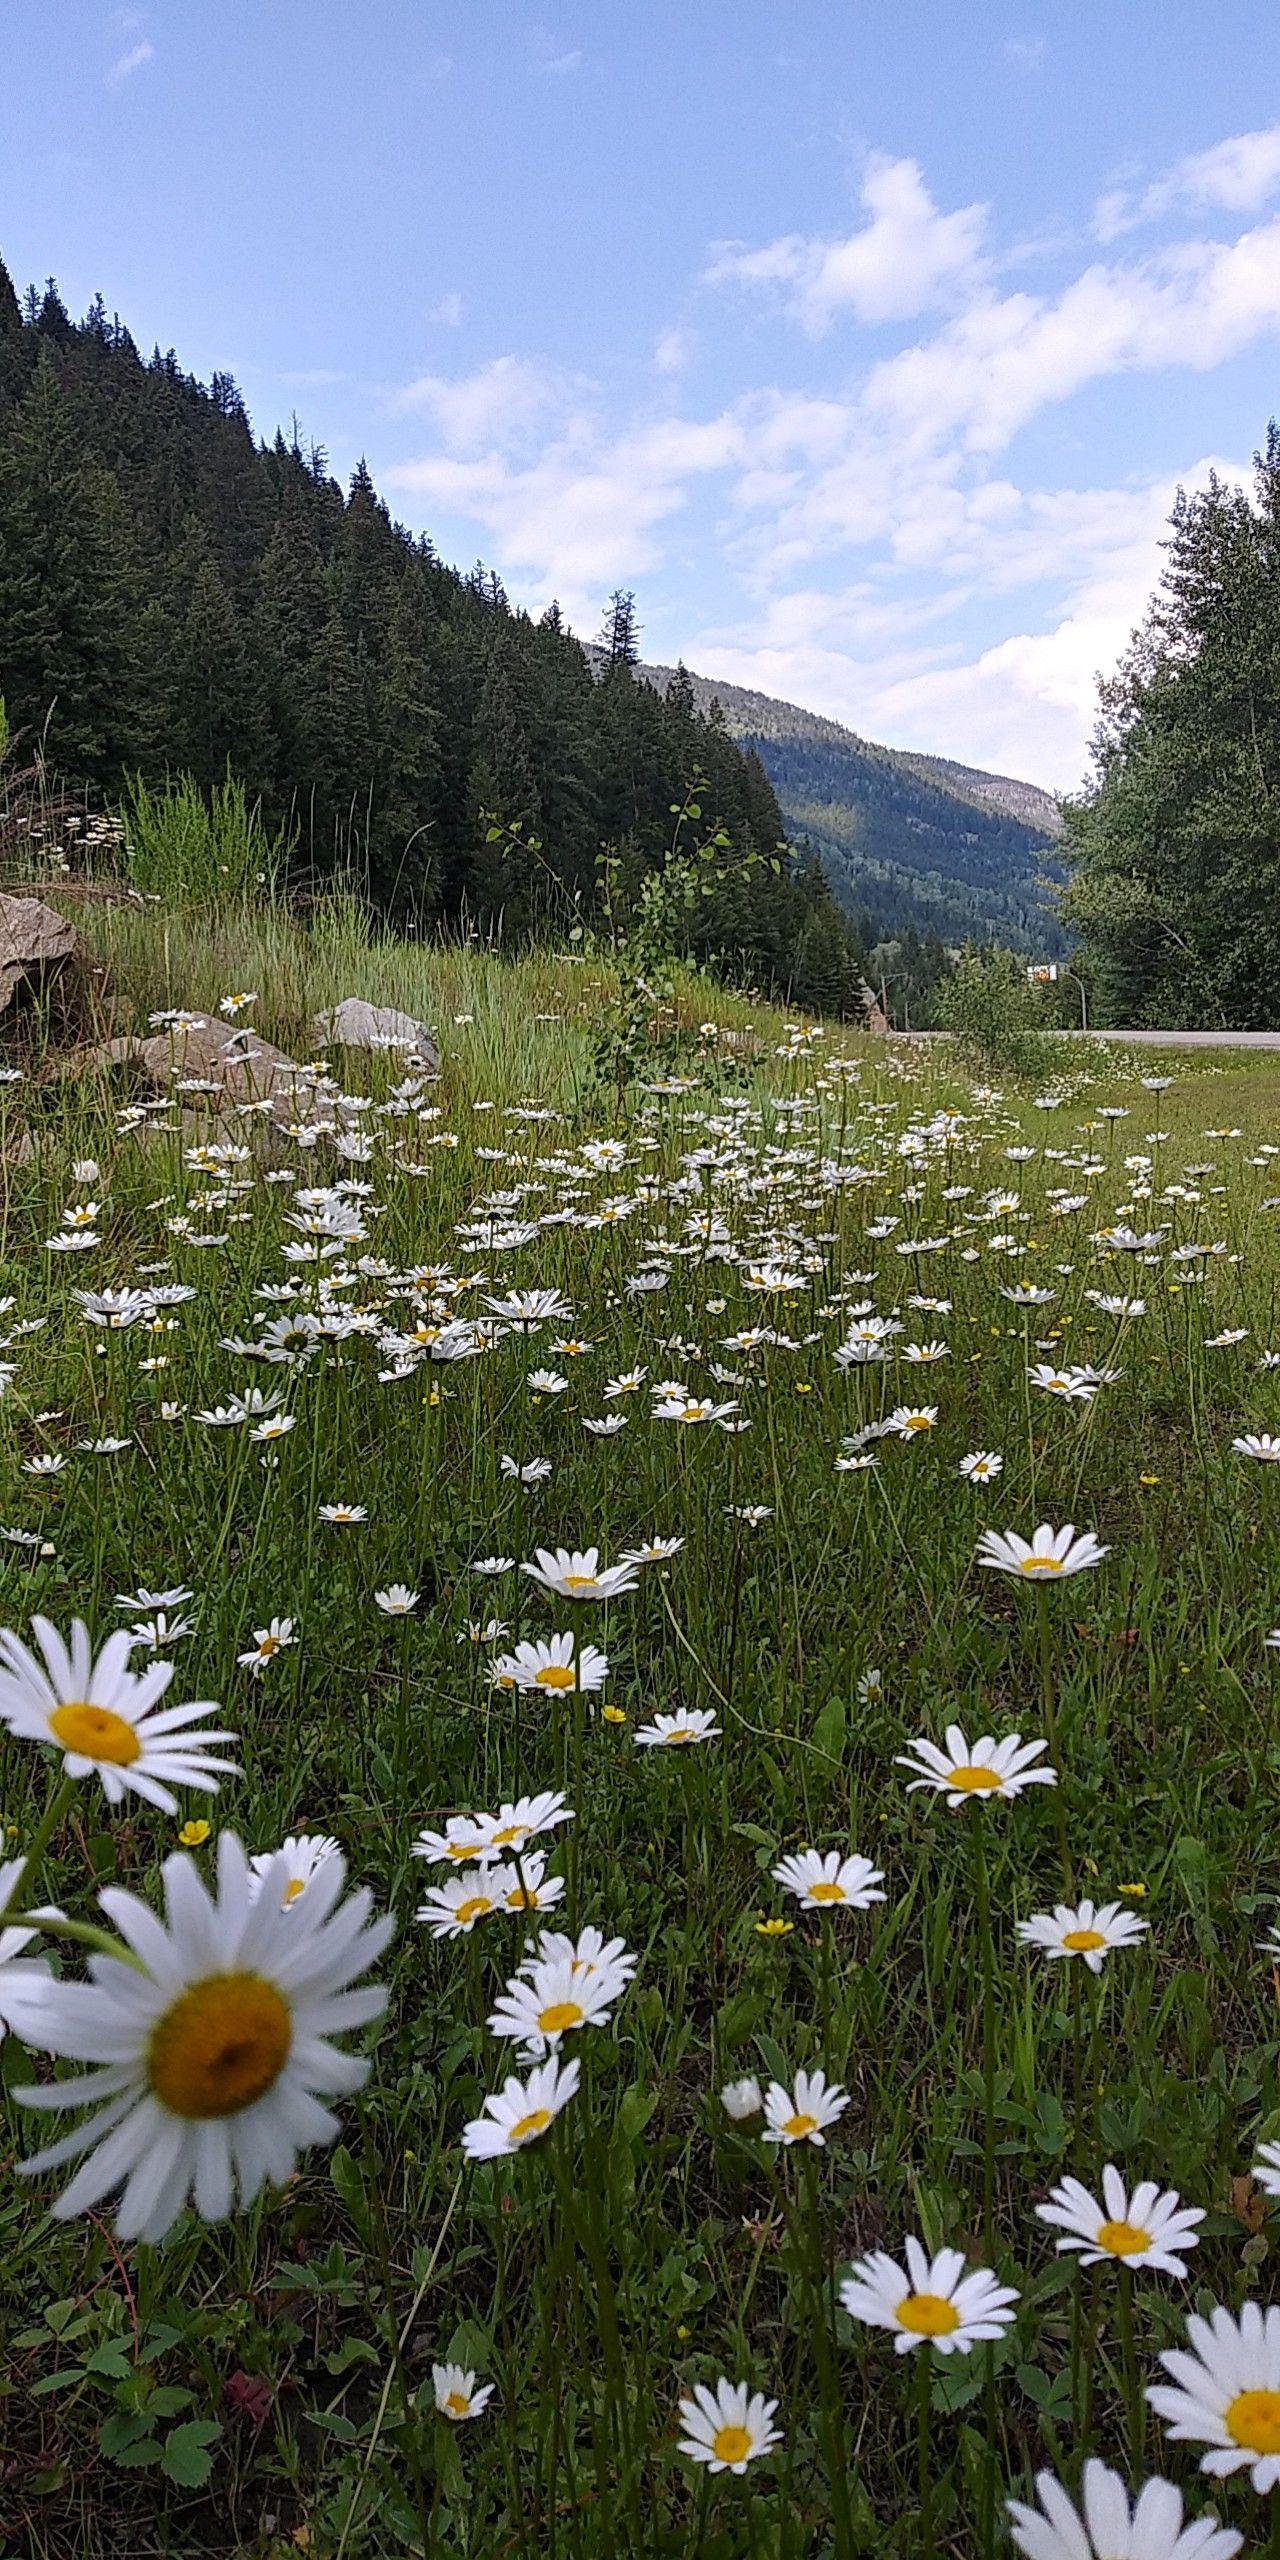 Daisy Fields In The Middle Of Nowhere In Canada Daisy Field Field Wallpaper Flower Field